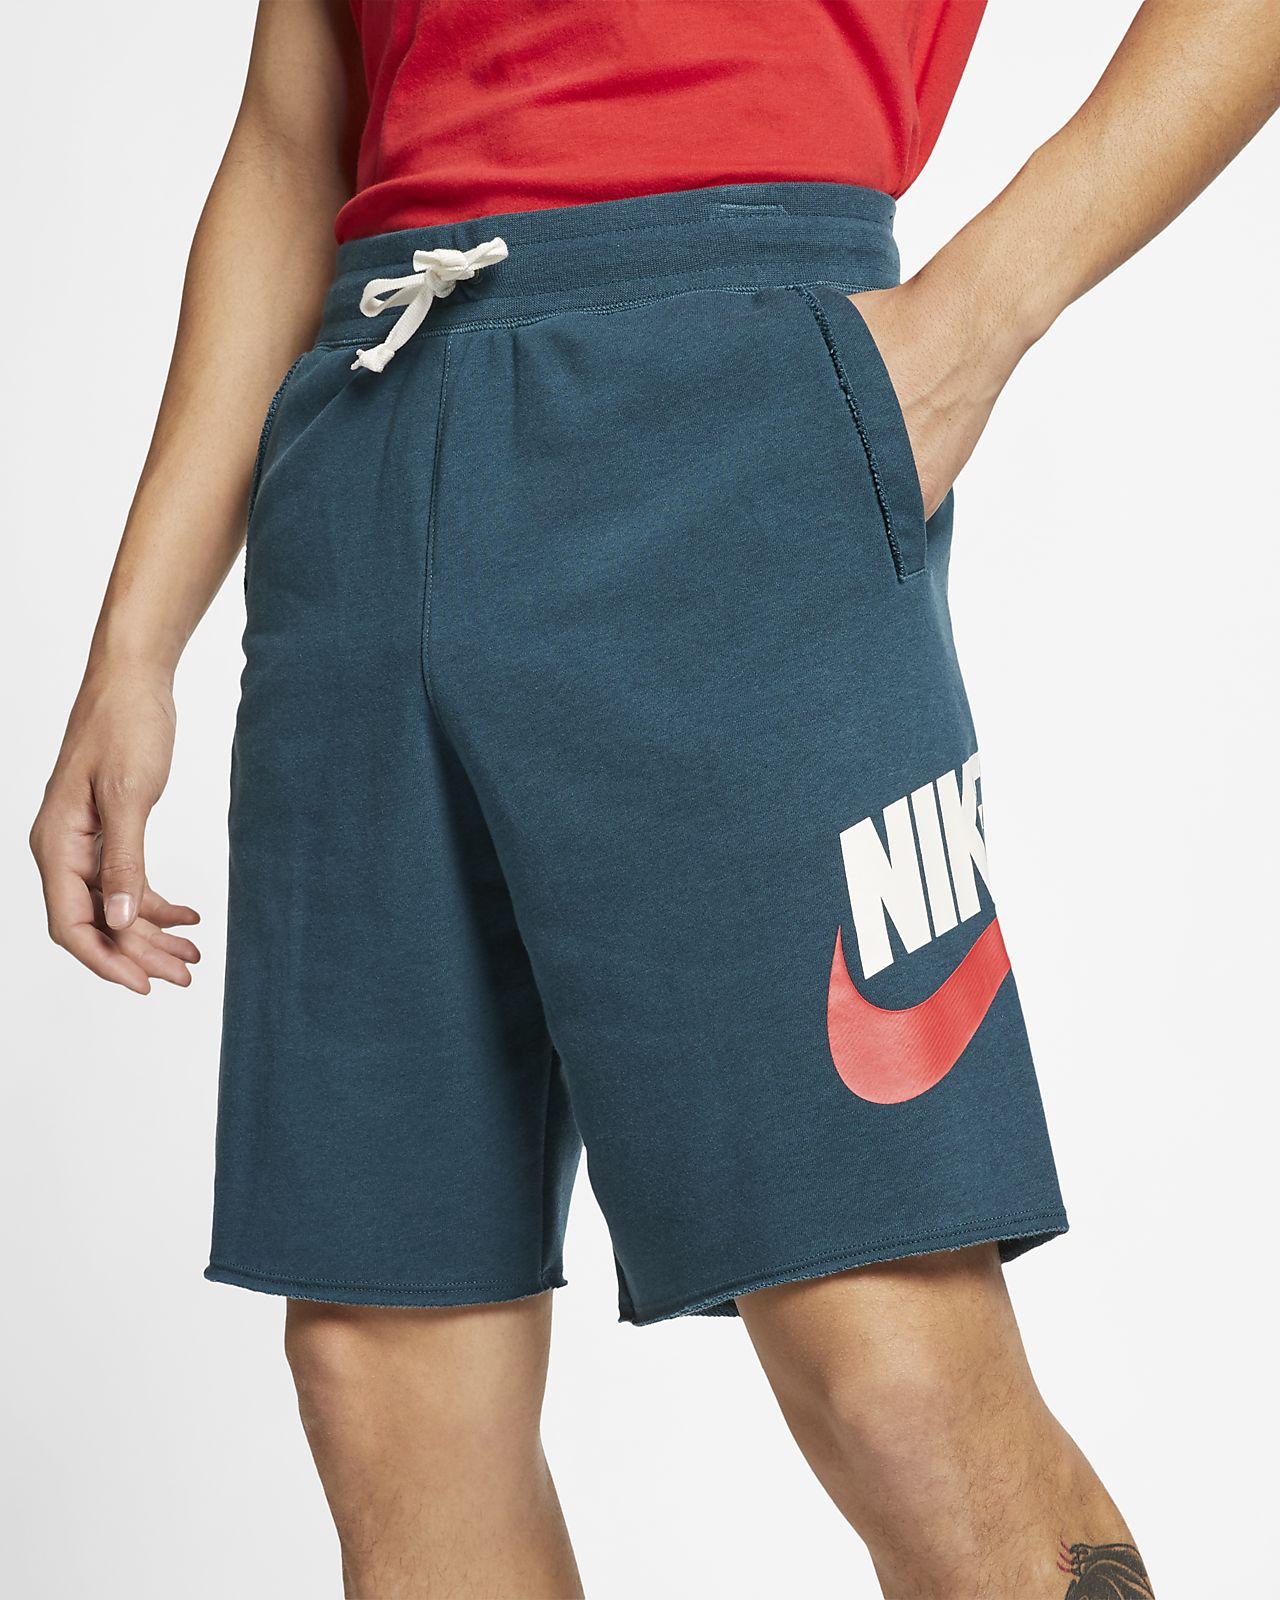 Nike Nike Sportswear Nike Herrenshorts Herrenshorts Sportswear 7bvfY6gy